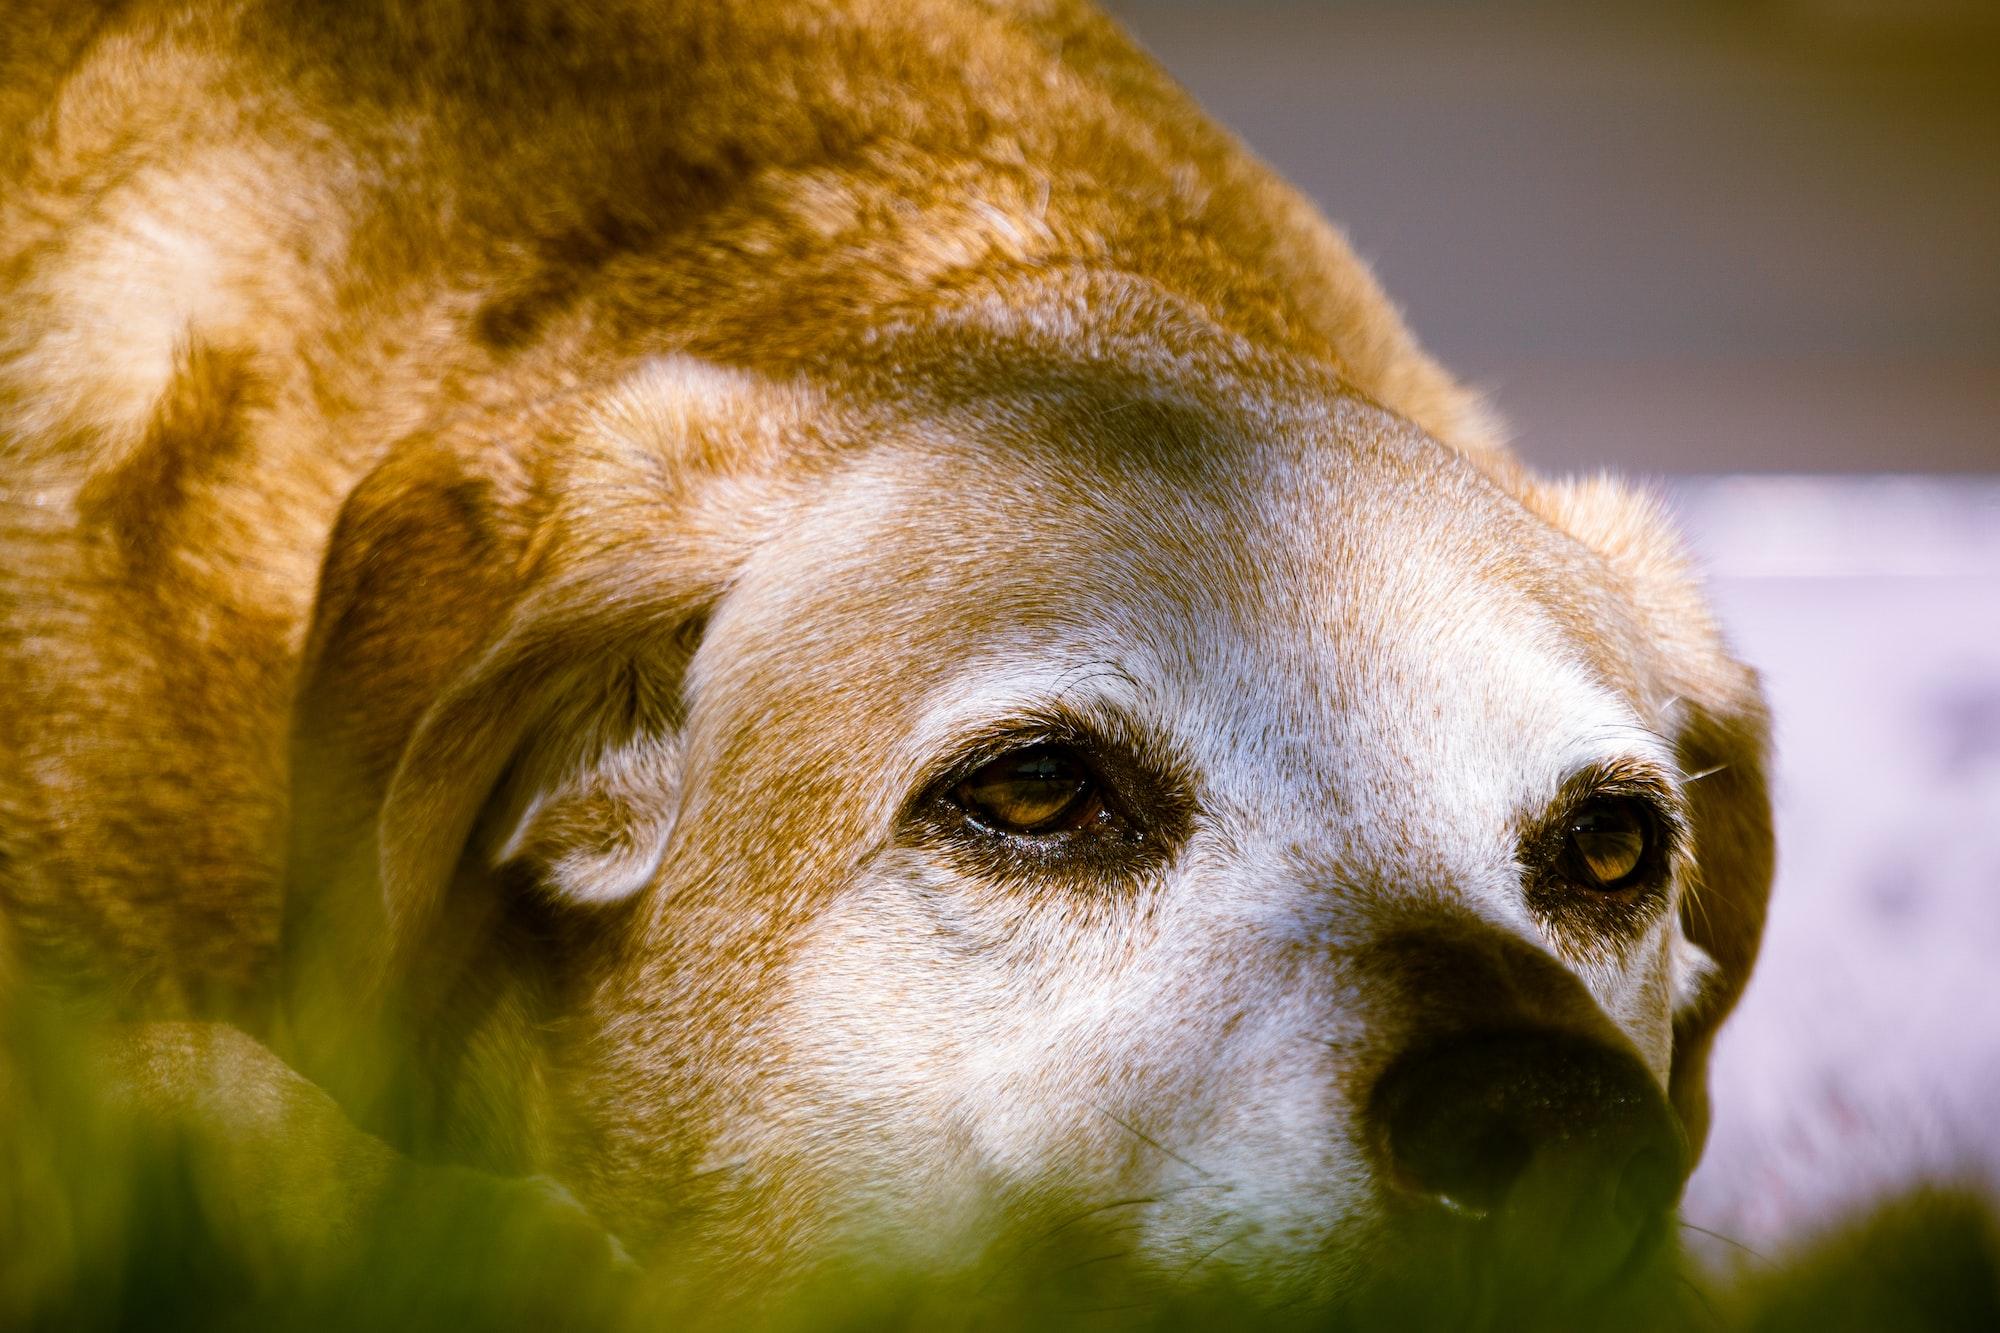 I segni della vecchiaia in un cane